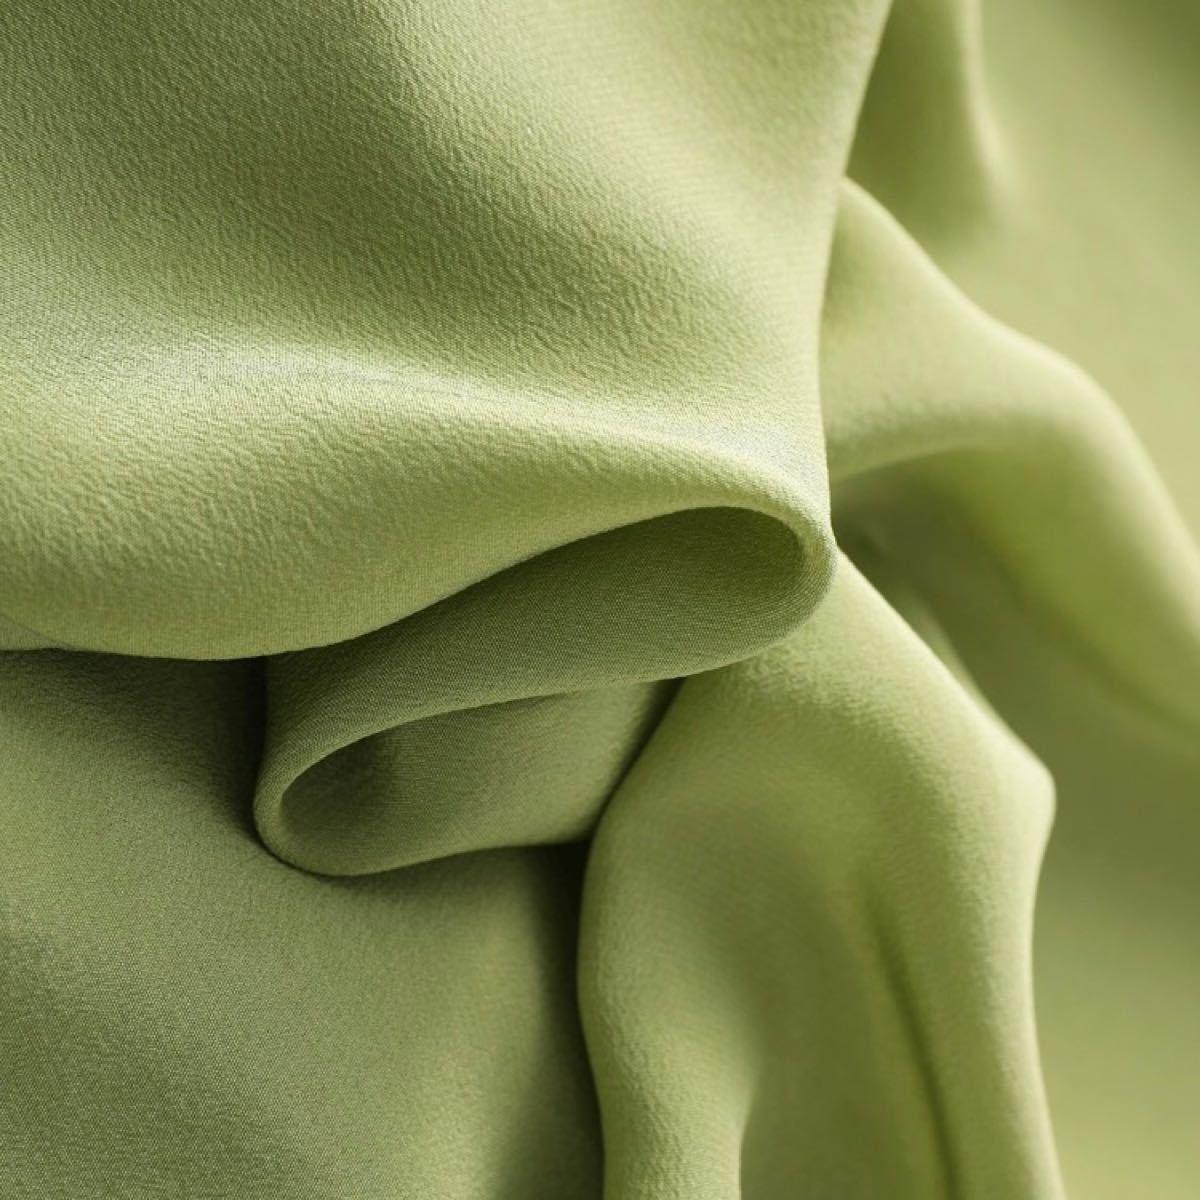 シルク絹100%  カットソー Tシャツ 半袖 フリー グリーン着丈59身幅53